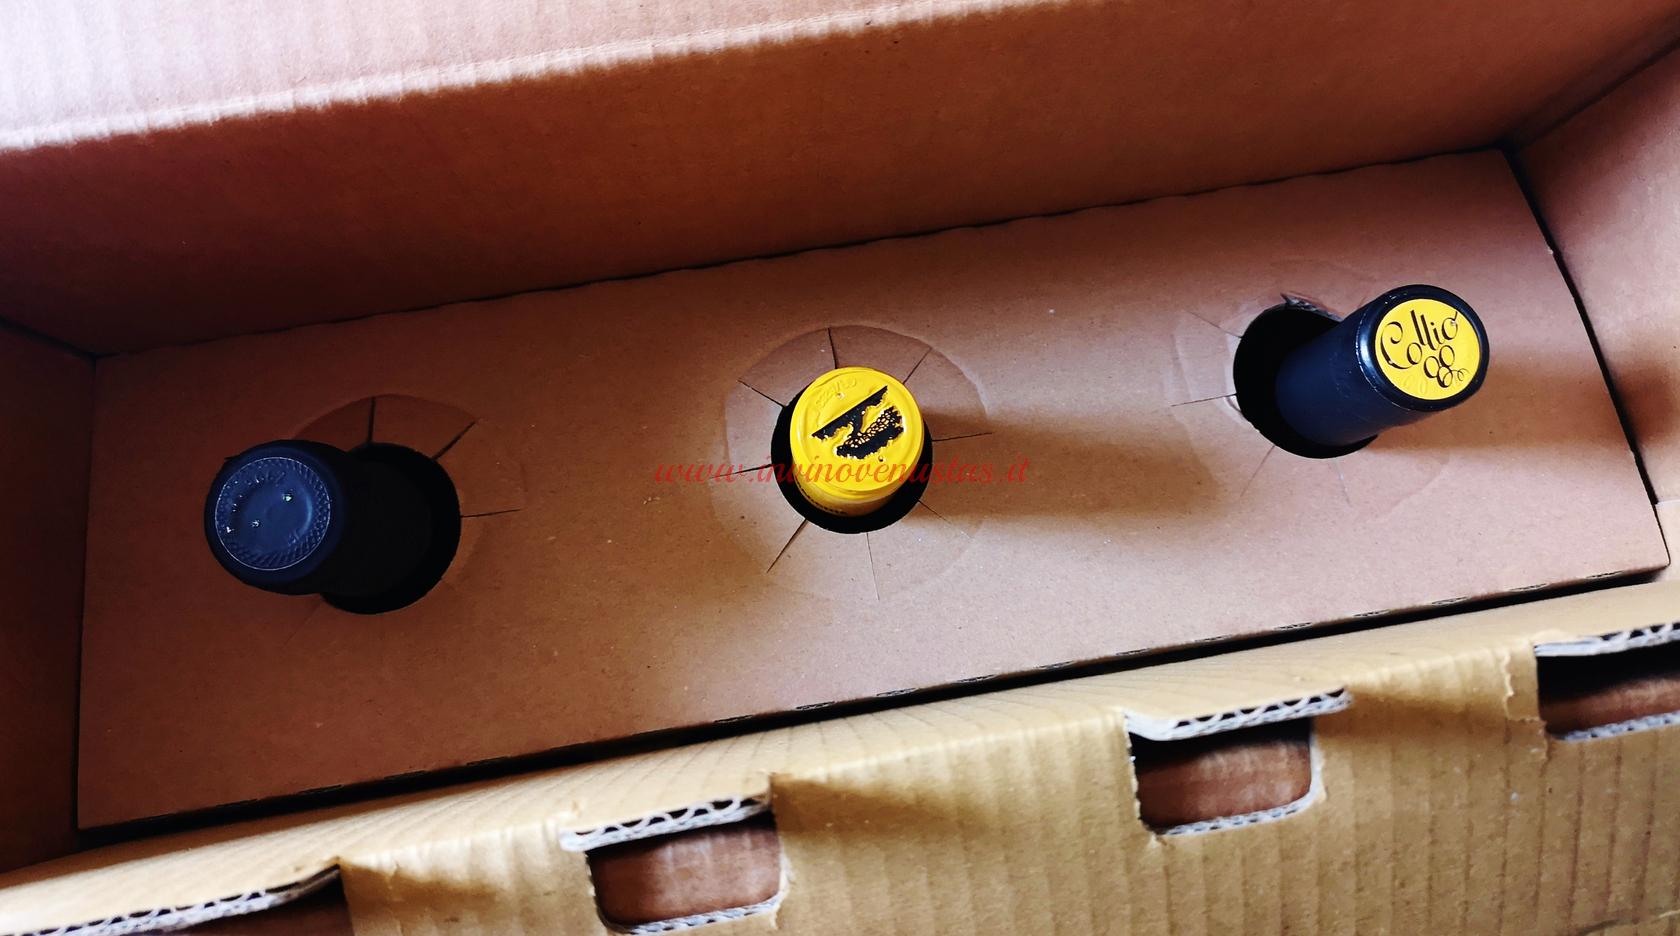 Dettaglio imballaggio vini Sommelier Wine Box